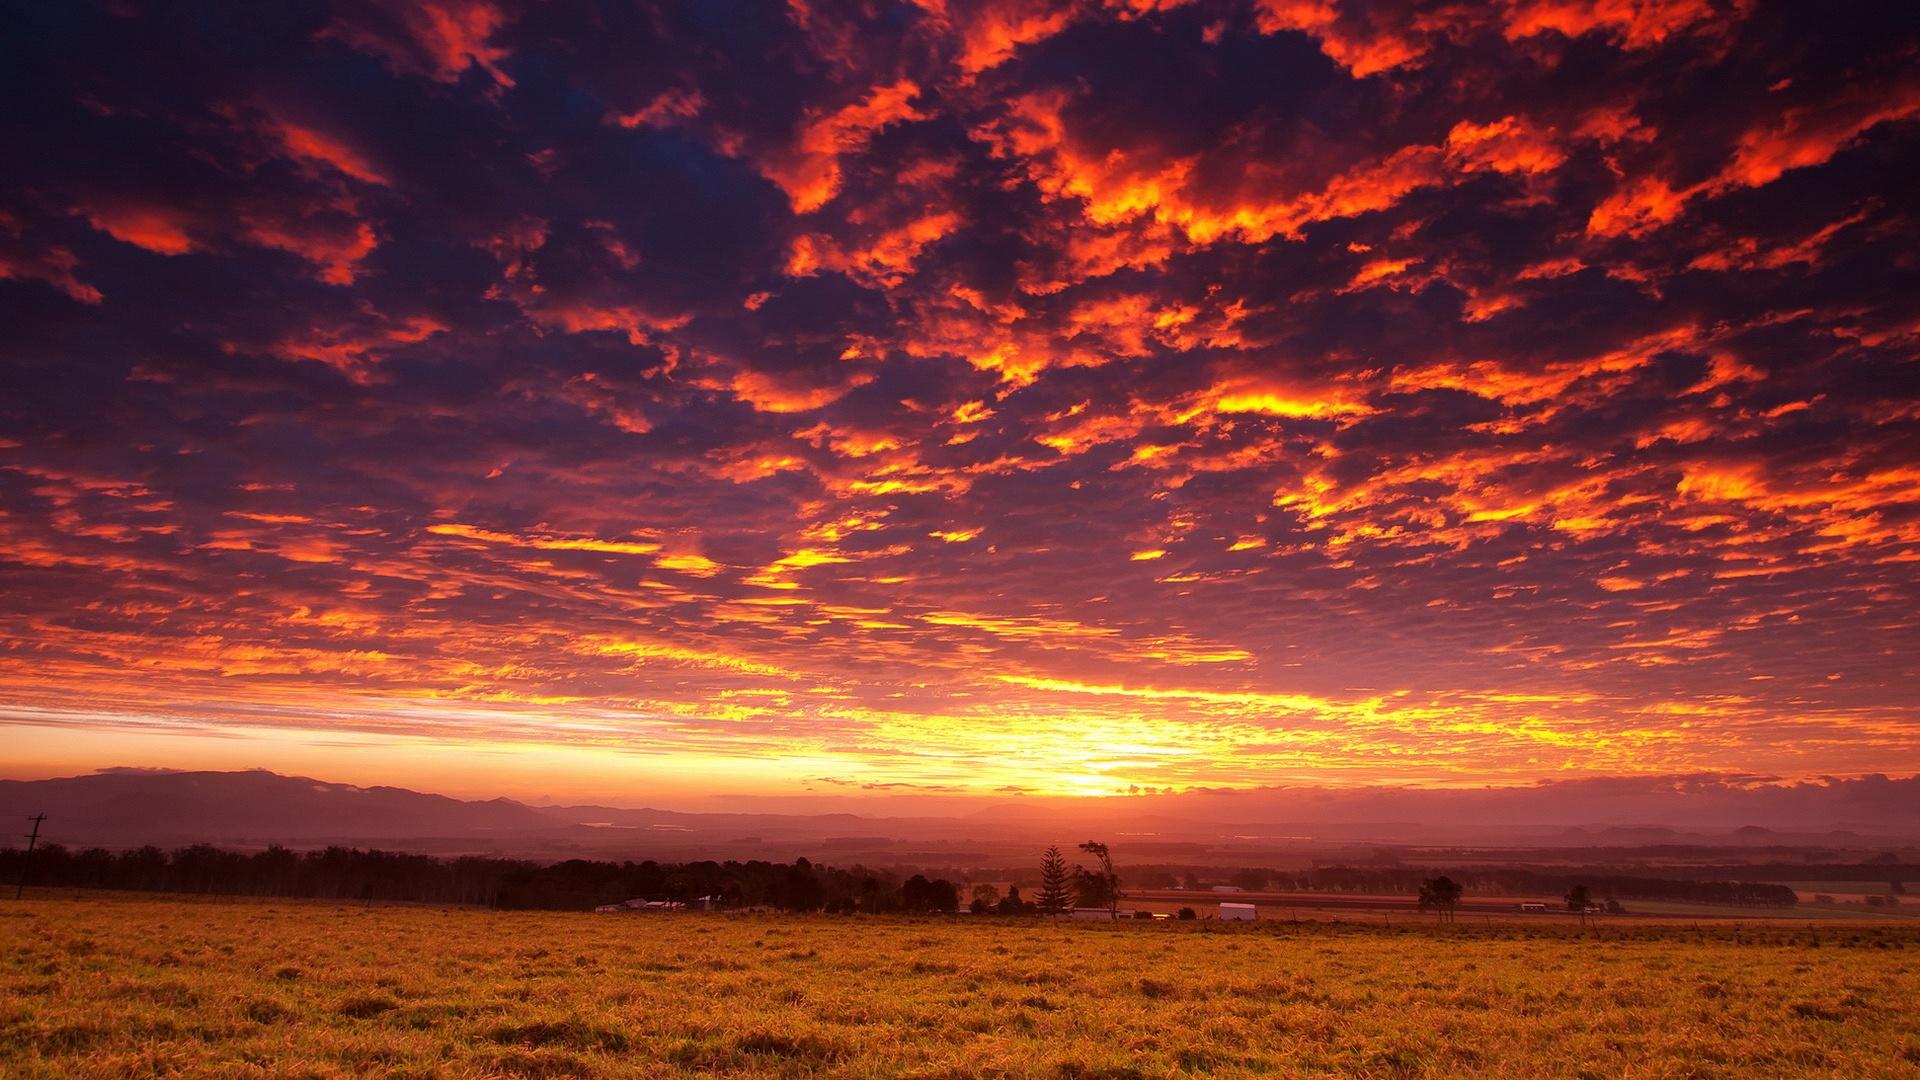 Sunset free background